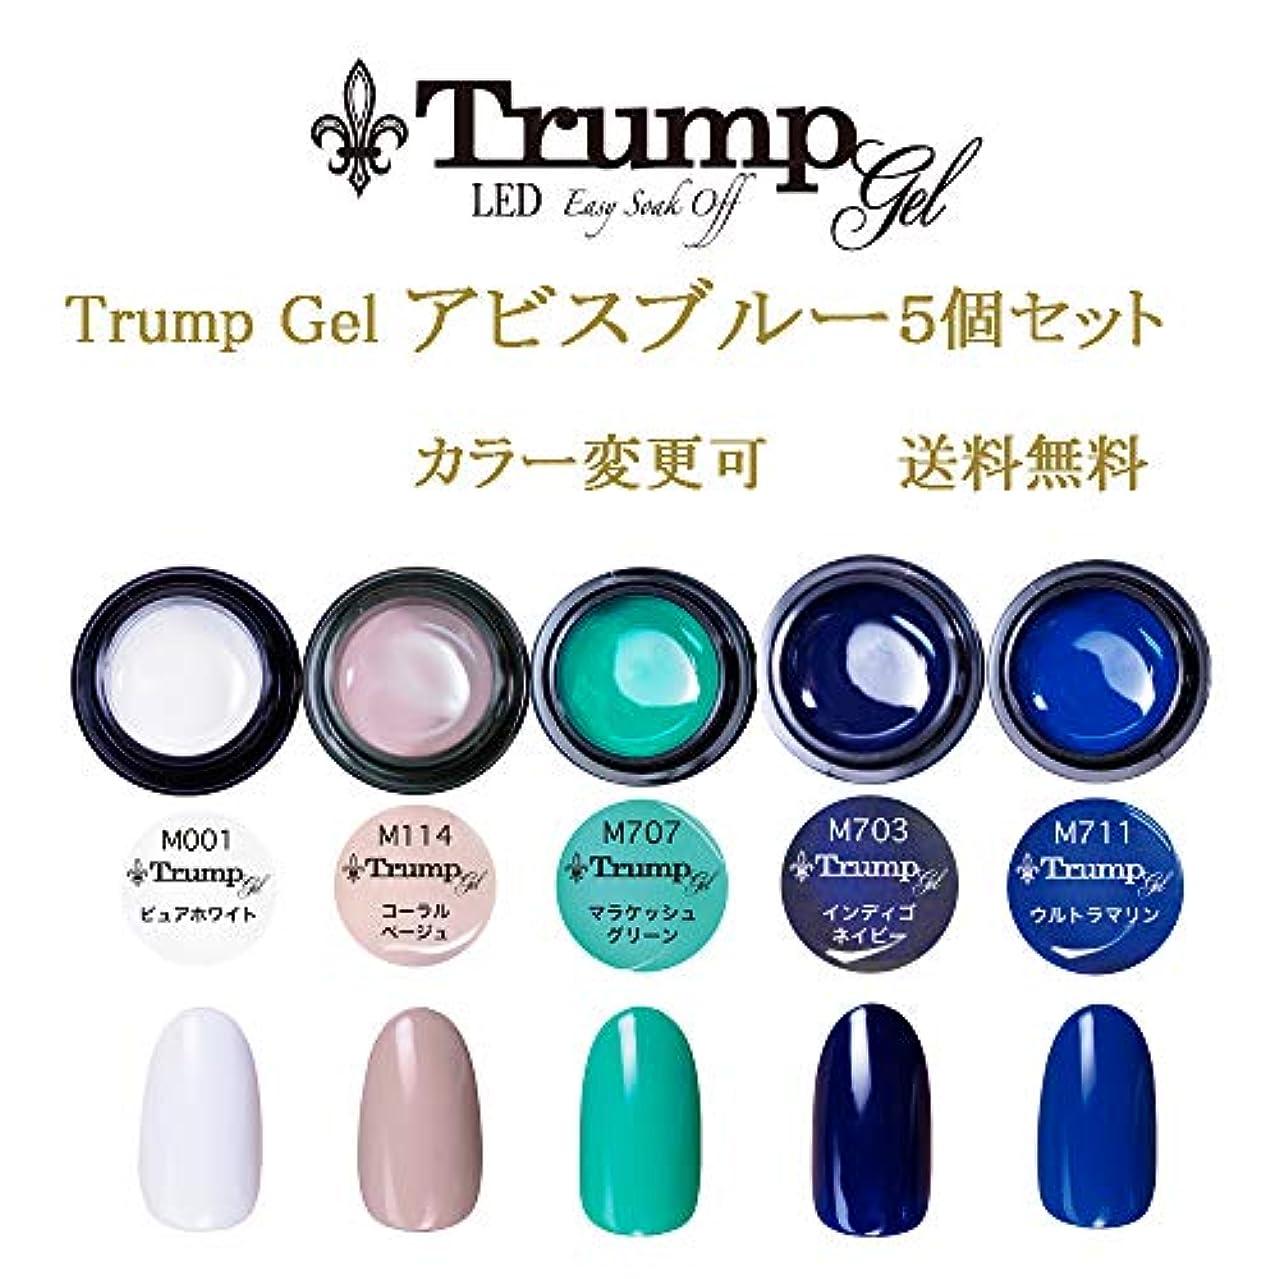 のりグラス飲食店日本製 Trump gel トランプジェル アビスブルーカラー 選べる カラージェル 5個セット ブルー ベージュ ターコイズ